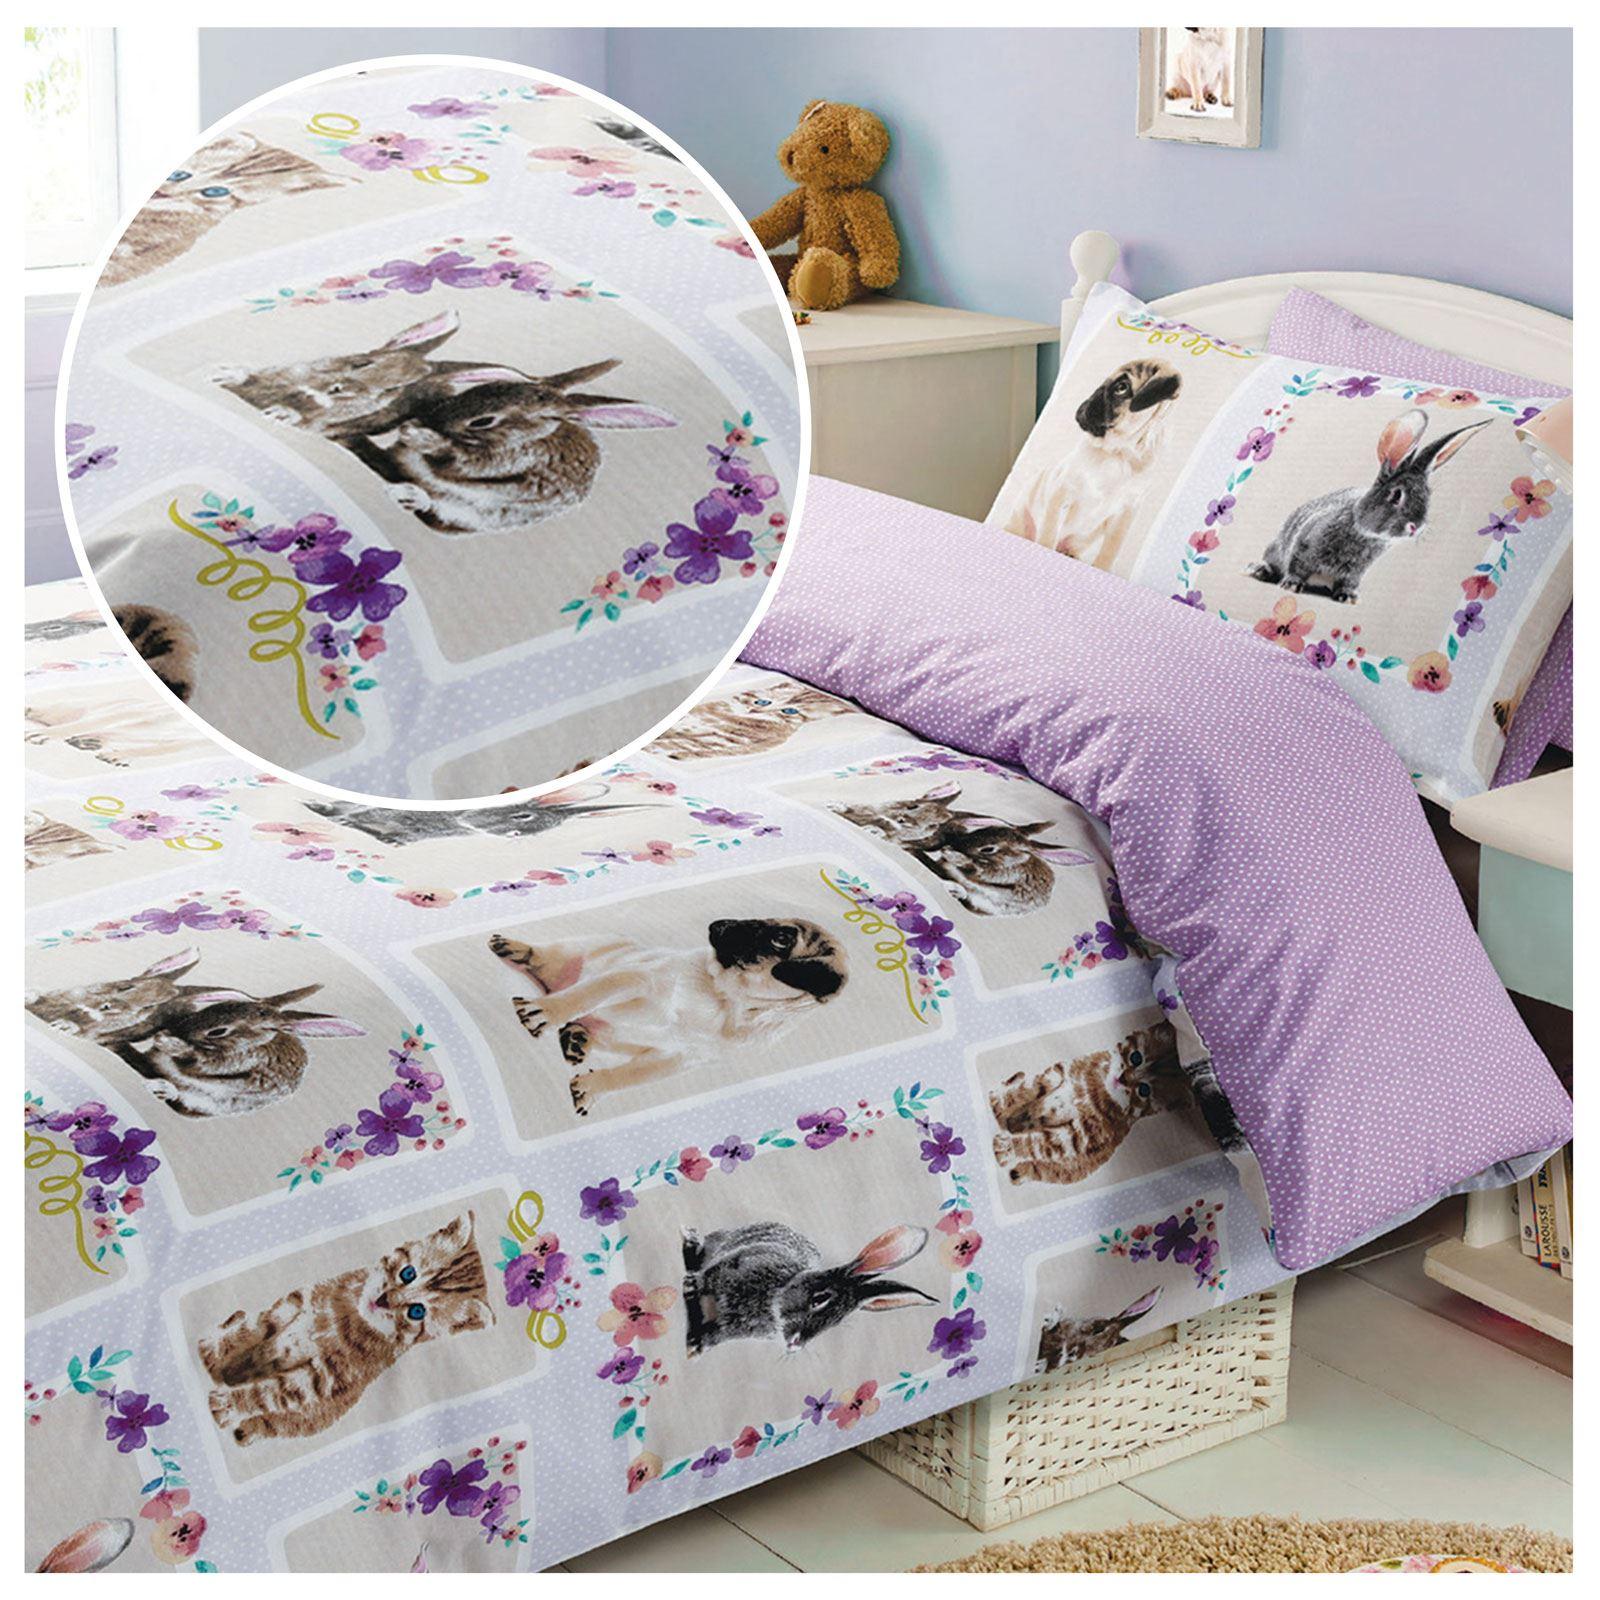 pet love duvet cover set kids bedding kittens rabbits. Black Bedroom Furniture Sets. Home Design Ideas